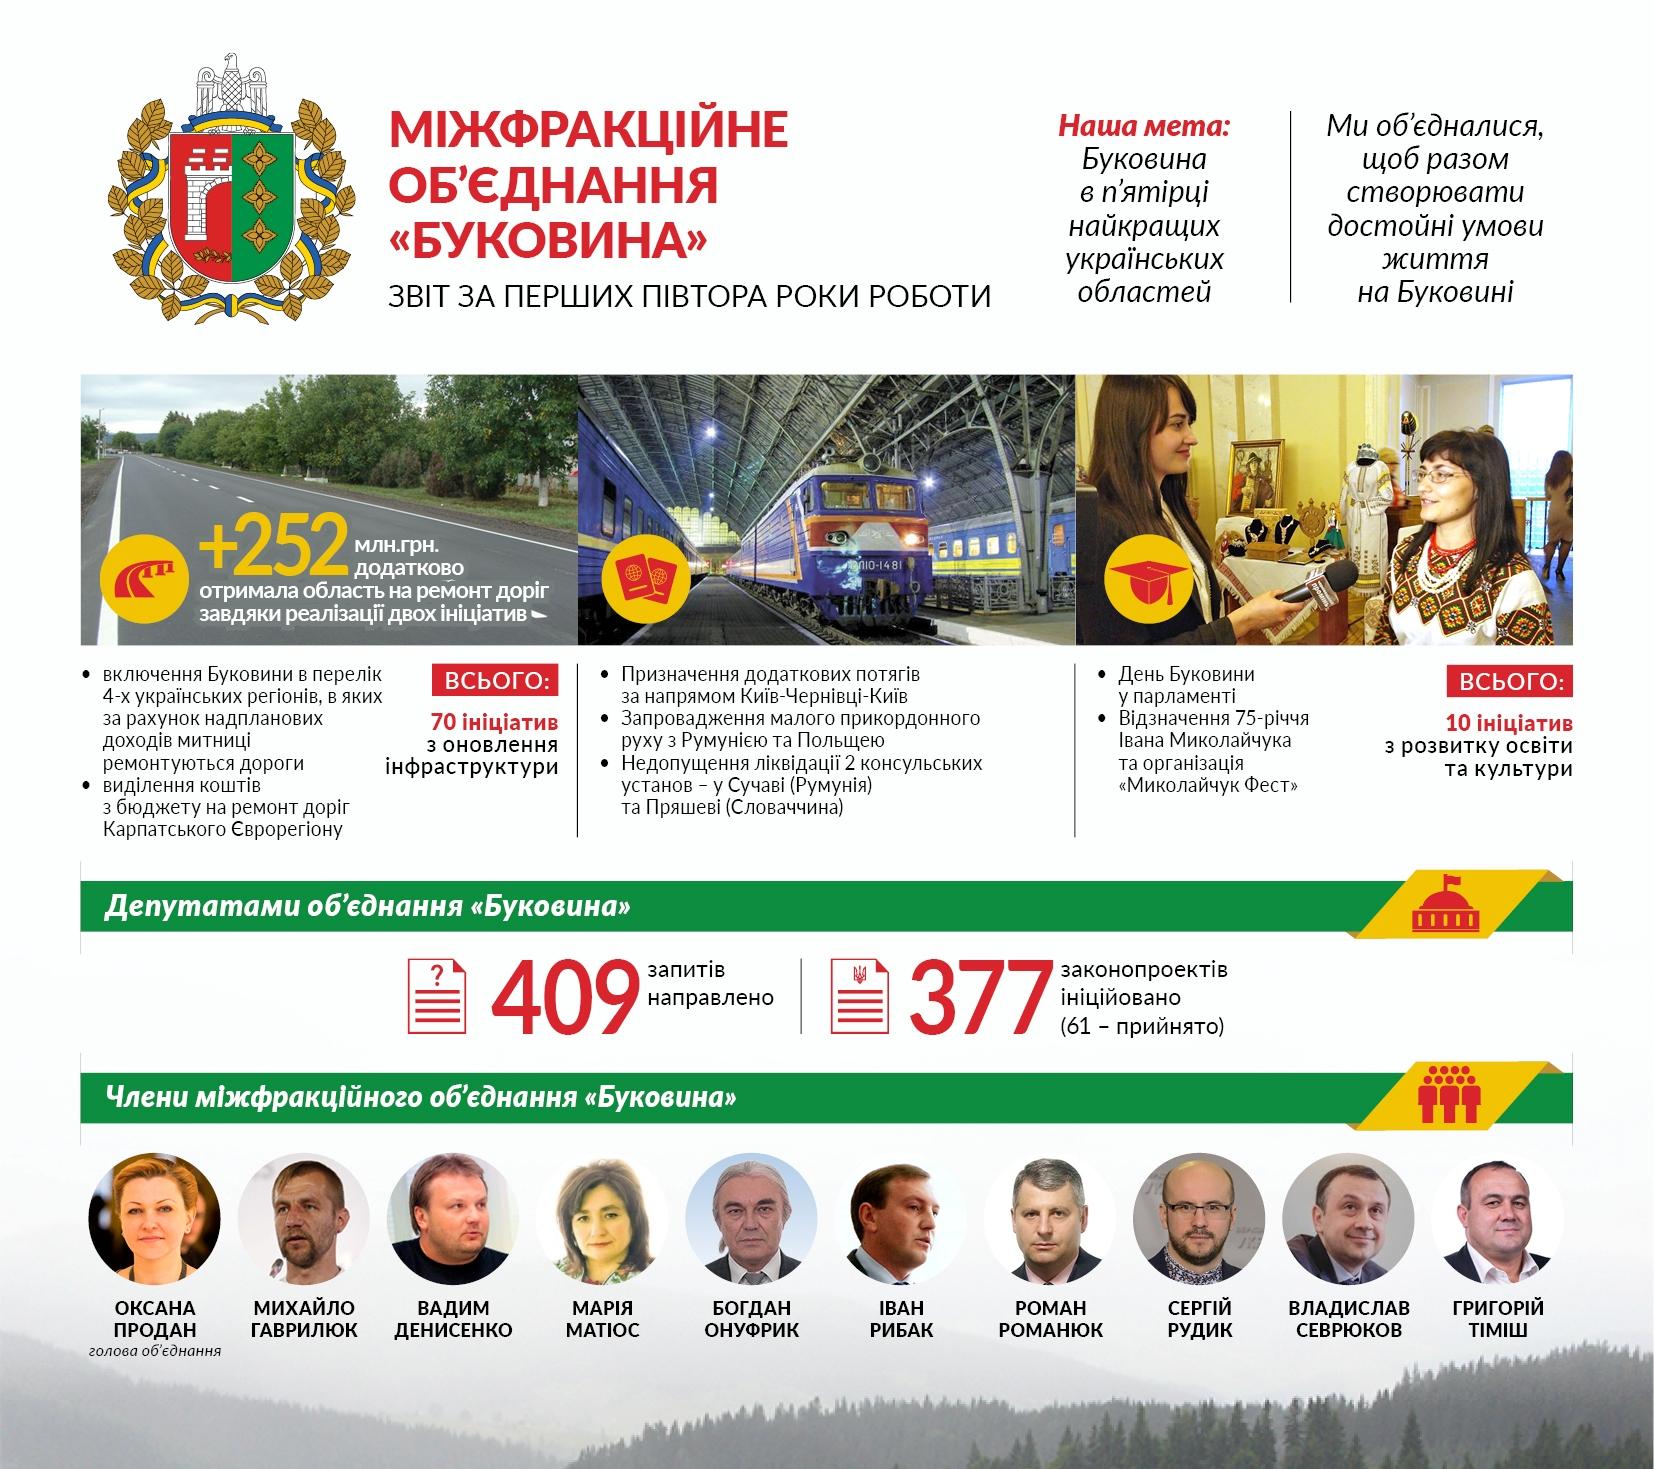 """Міжфракційне об'єднання """"БУКОВИНА"""" прозвітувало за півтора року про результати своєї діяльності"""